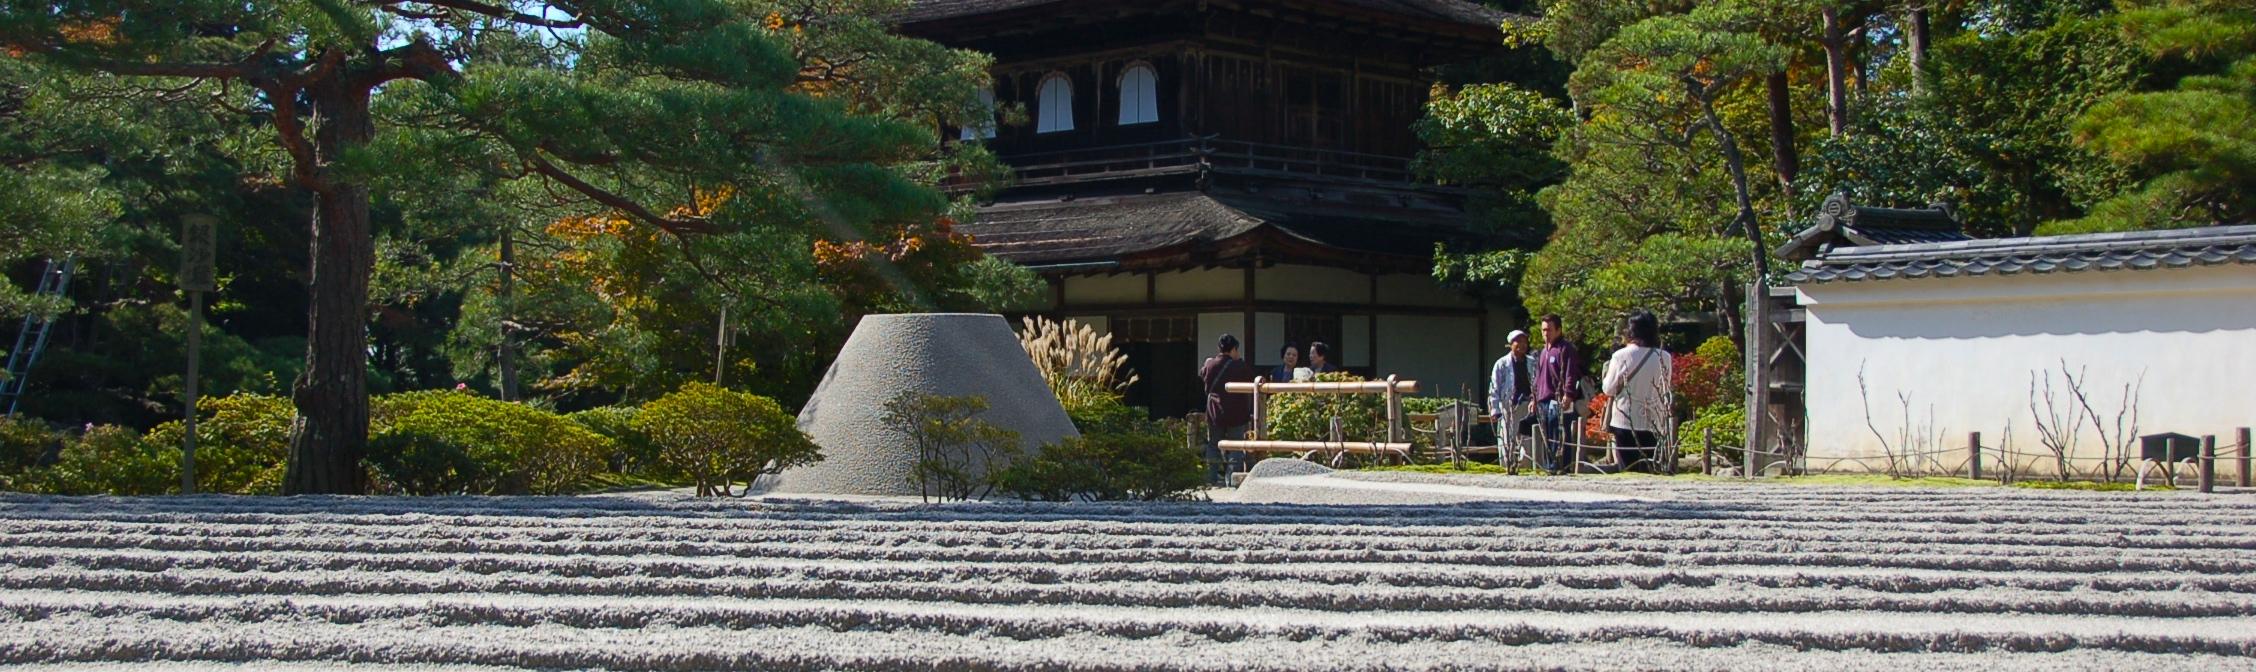 Templo Ginkakuji, Tokio